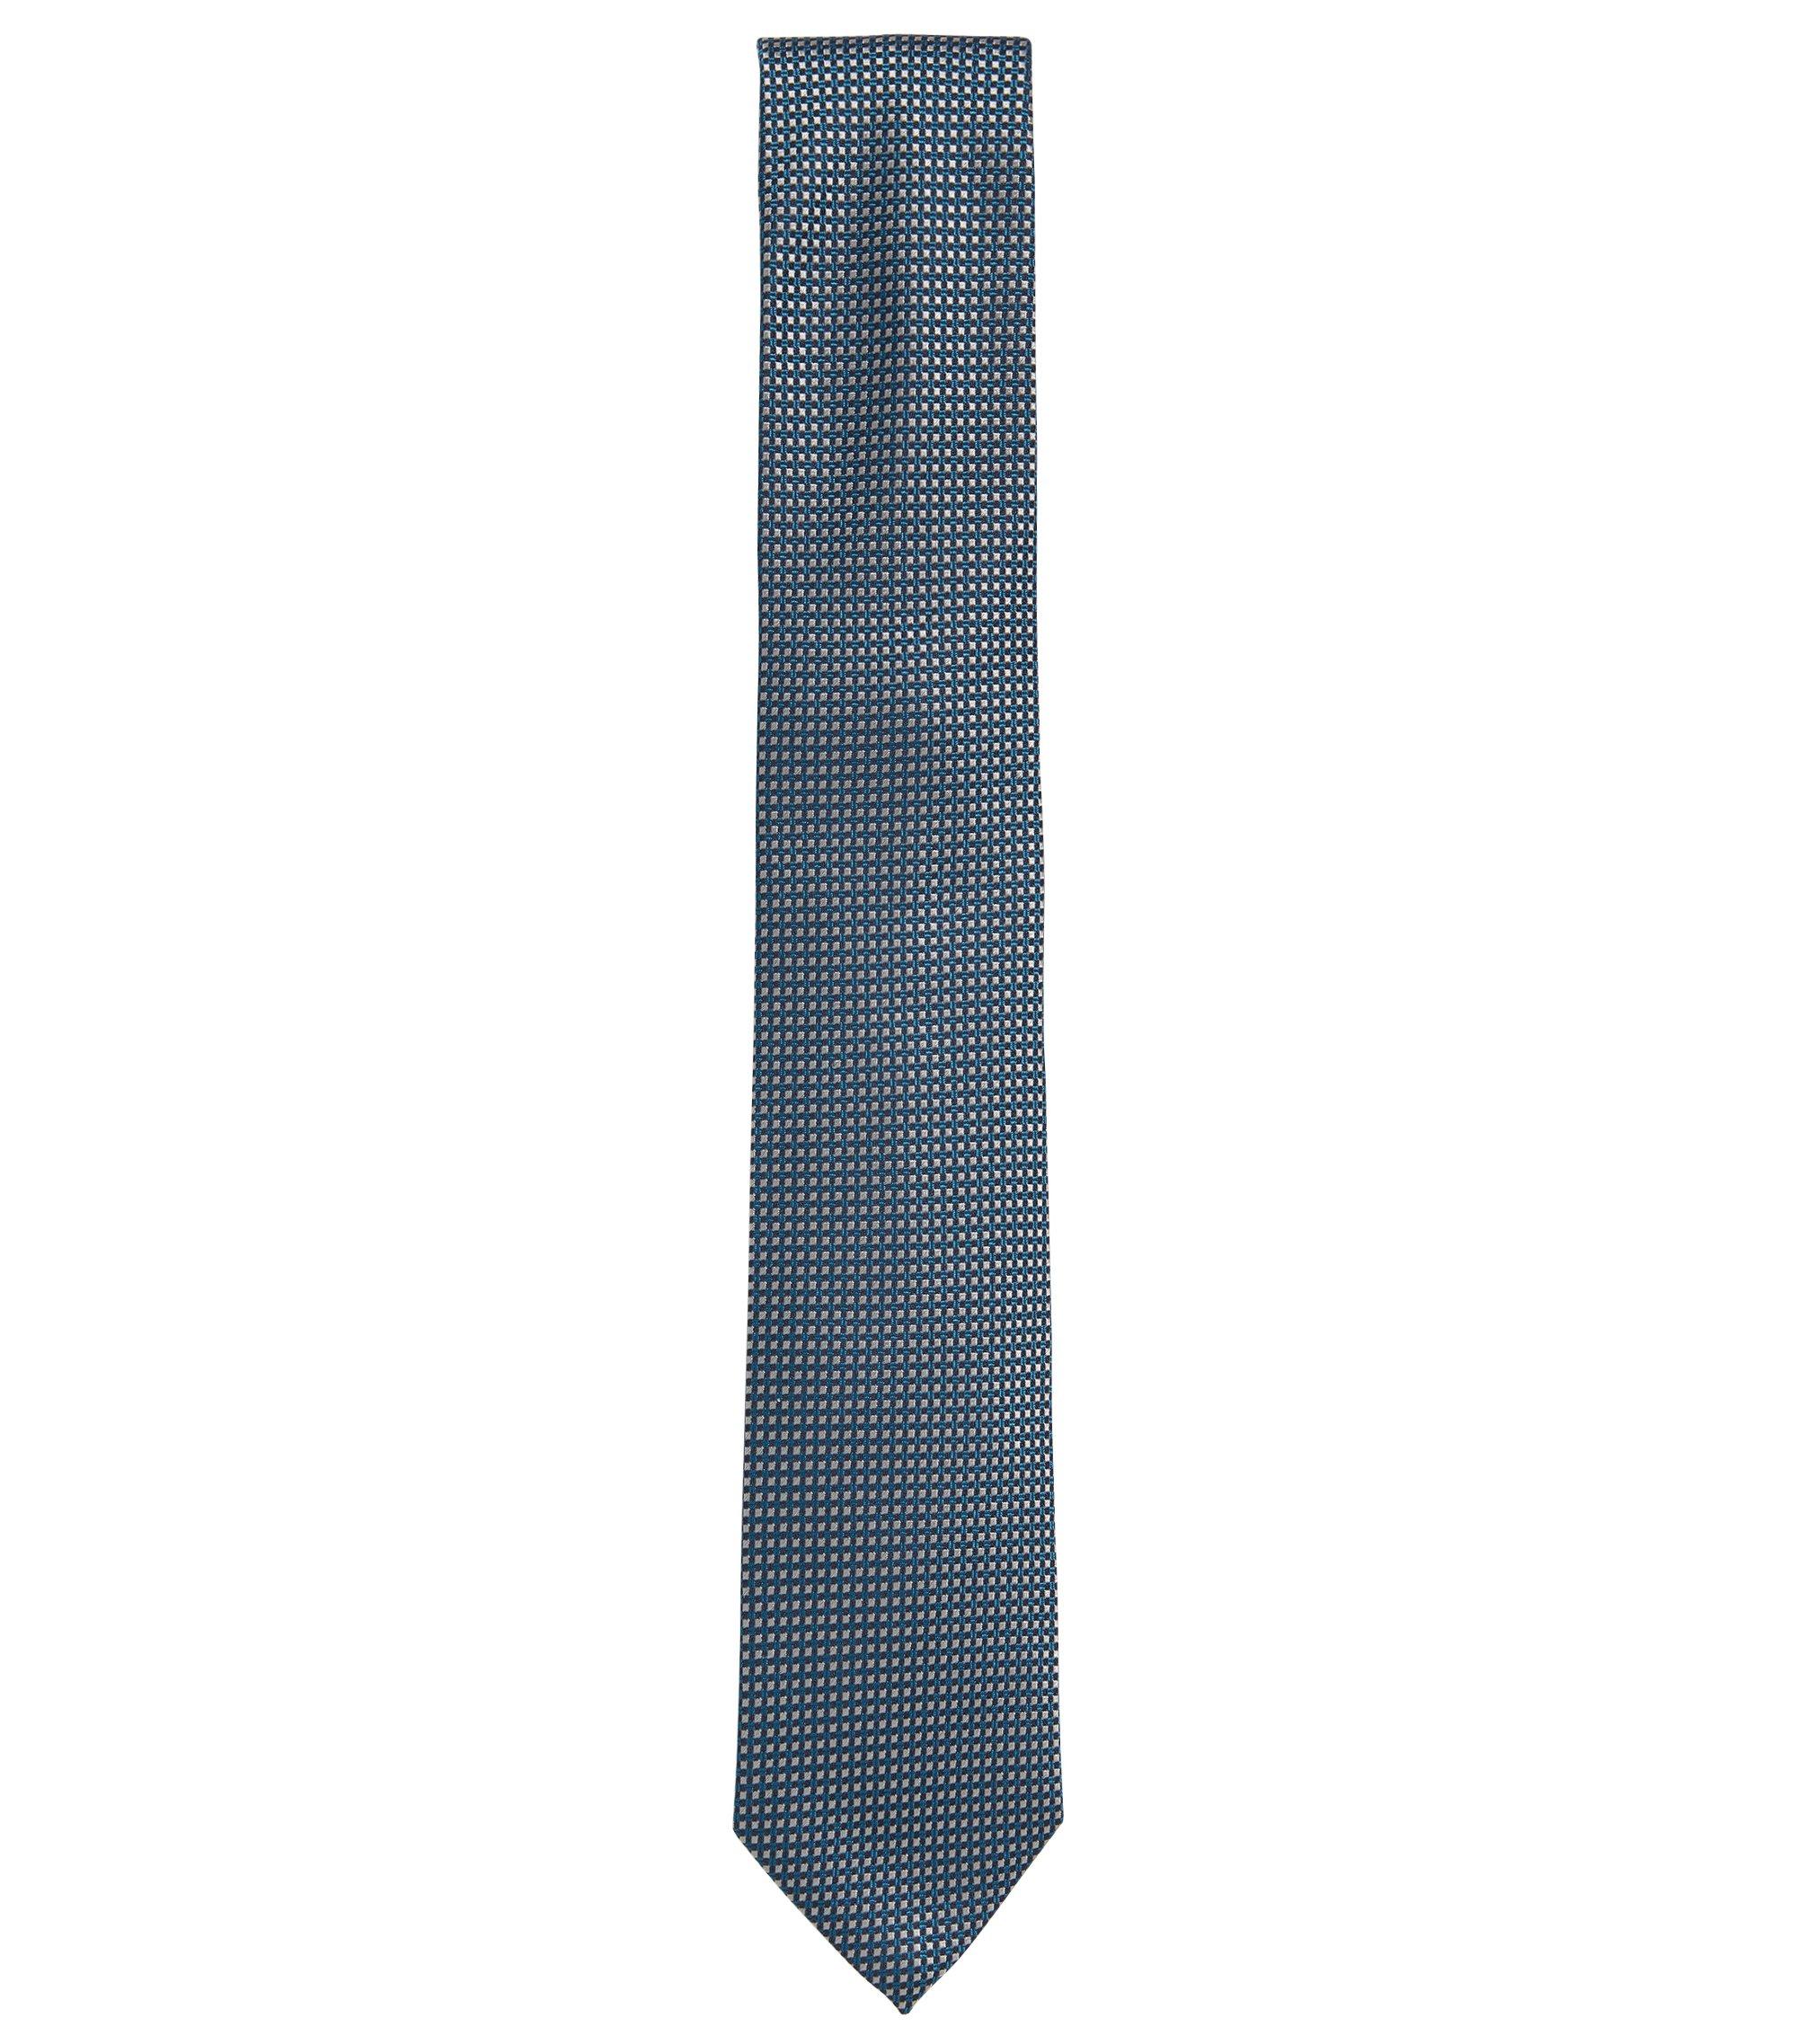 Cravate jacquard en soie à motif contrastant, Turquoise